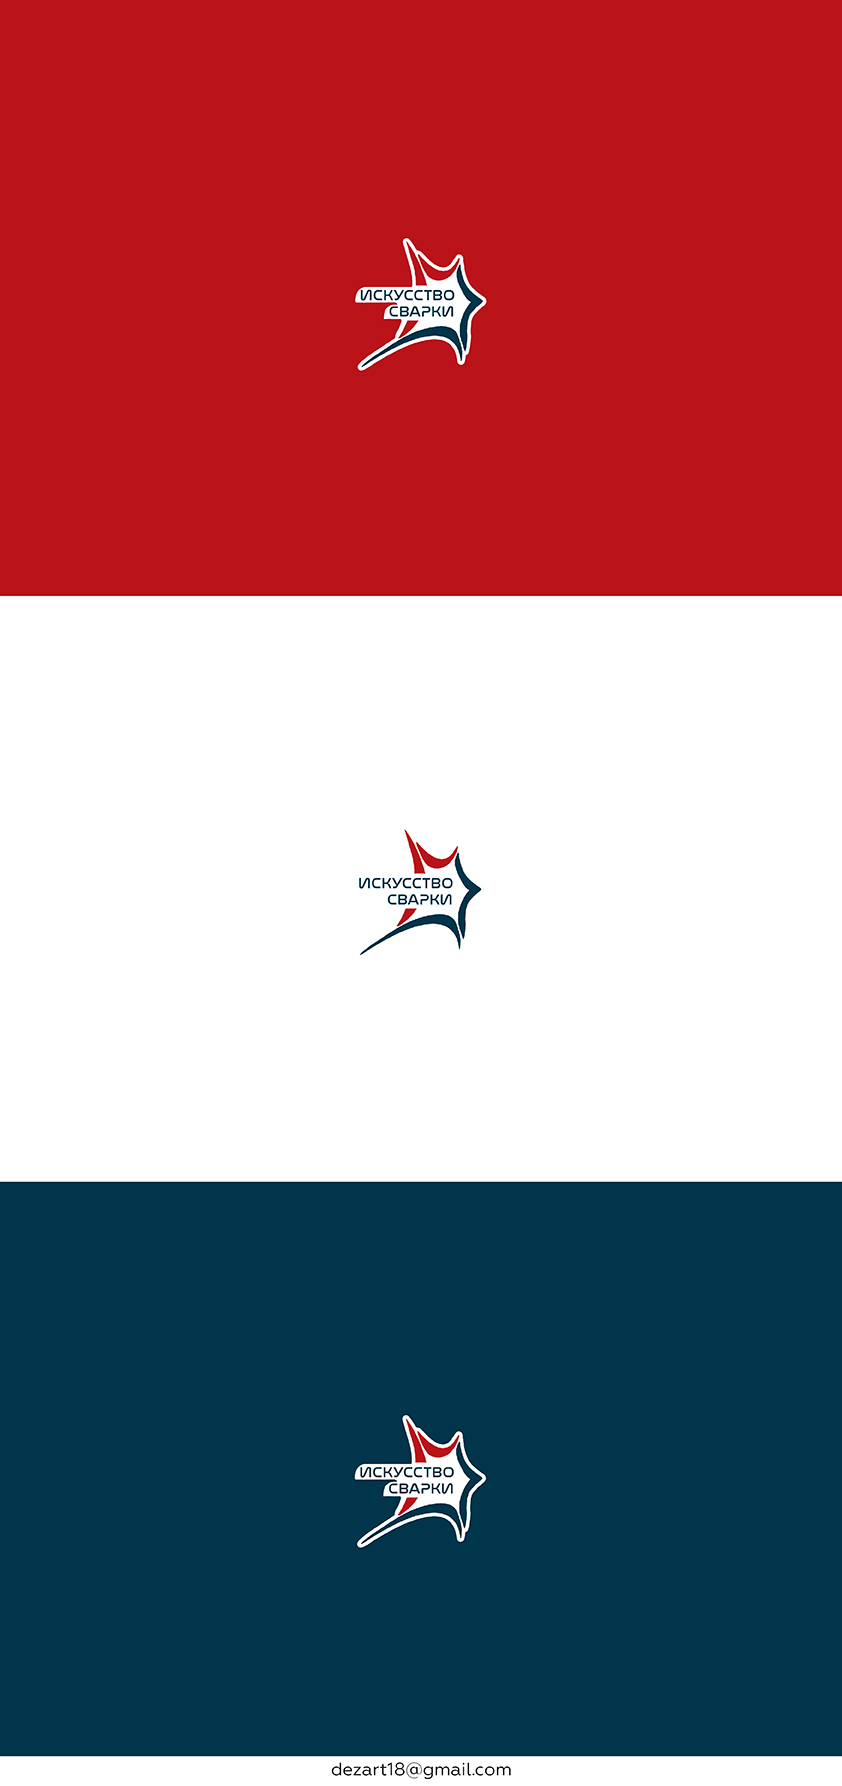 Разработка логотипа для Конкурса фото f_0315f6ef6171a90a.jpg